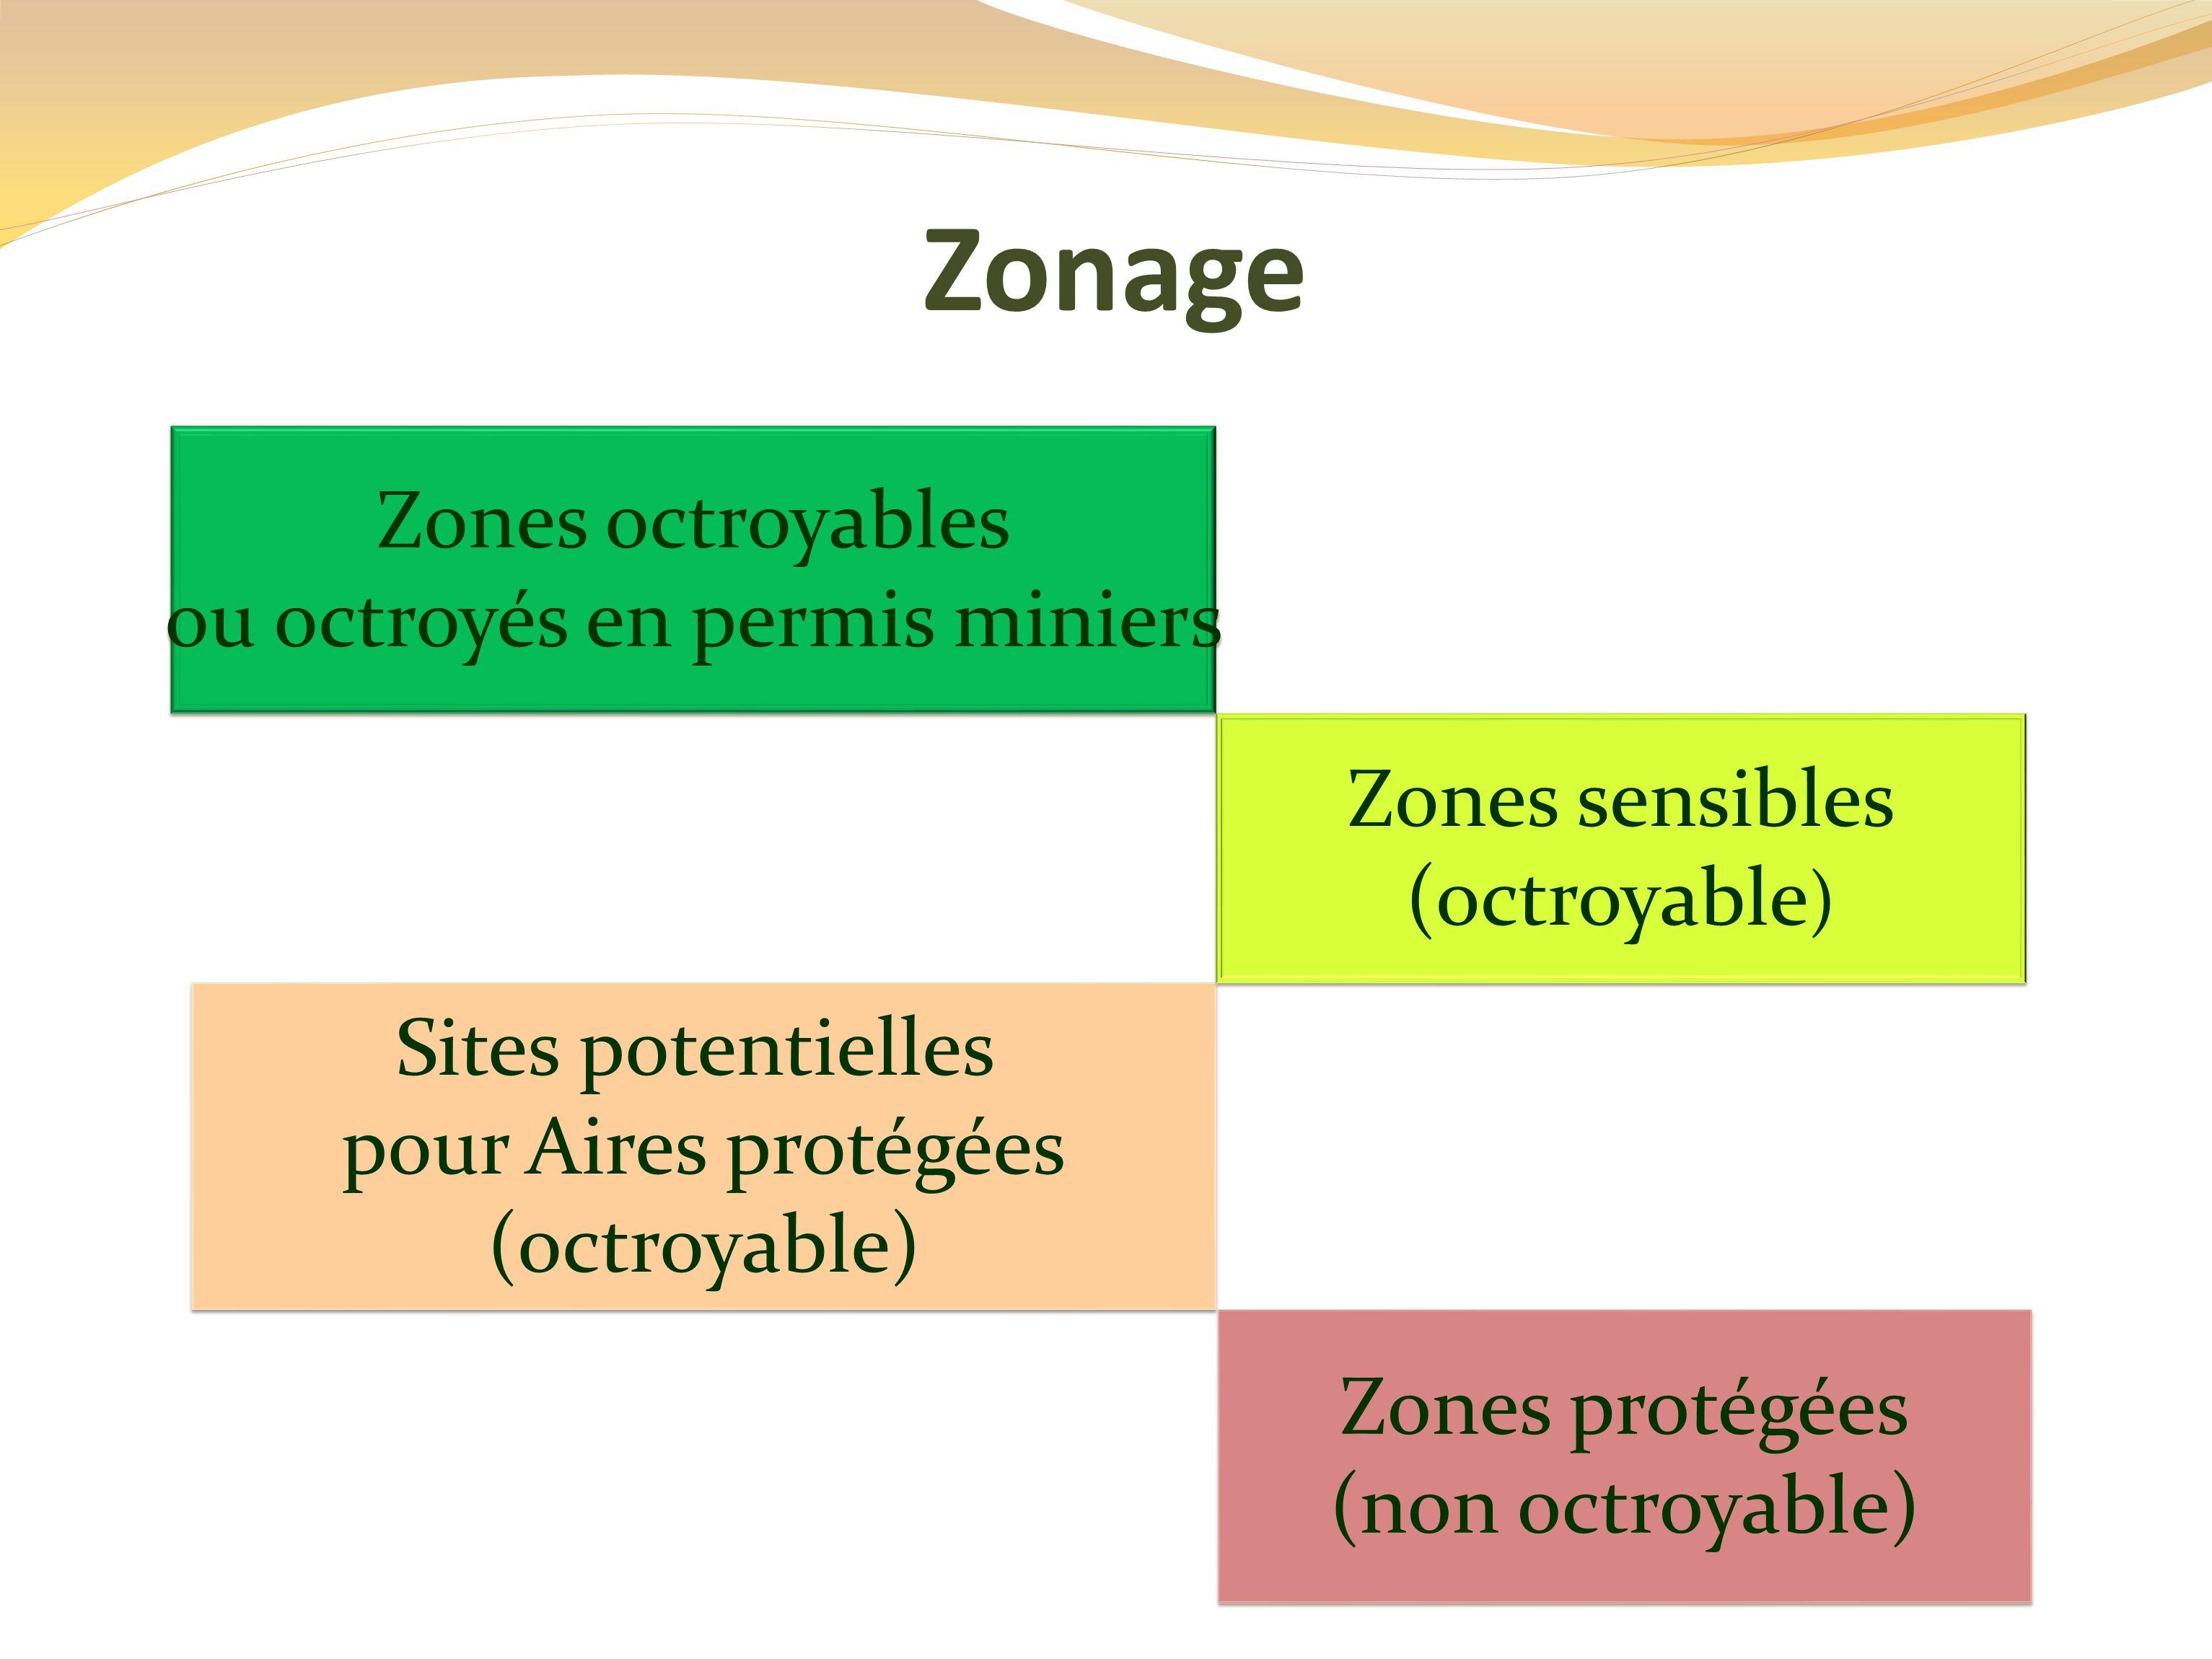 Zonage Sites potentielles pour Aires protégées (octroyable) Sites potentielles pour Aires protégées (octroyable) Zones octroyables ou octroyés en permis miniers Zones octroyables ou octroyés en permis miniers Zones sensibles (octroyable ) Zones sensibles (octroyable ) Zones protégées (non octroyable) Zones protégées (non octroyable)